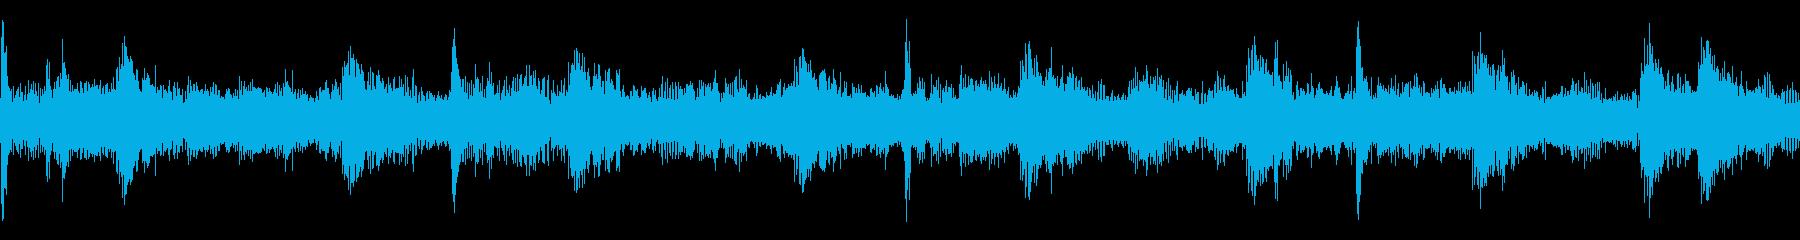 トランスギター,イベント告知ループverの再生済みの波形